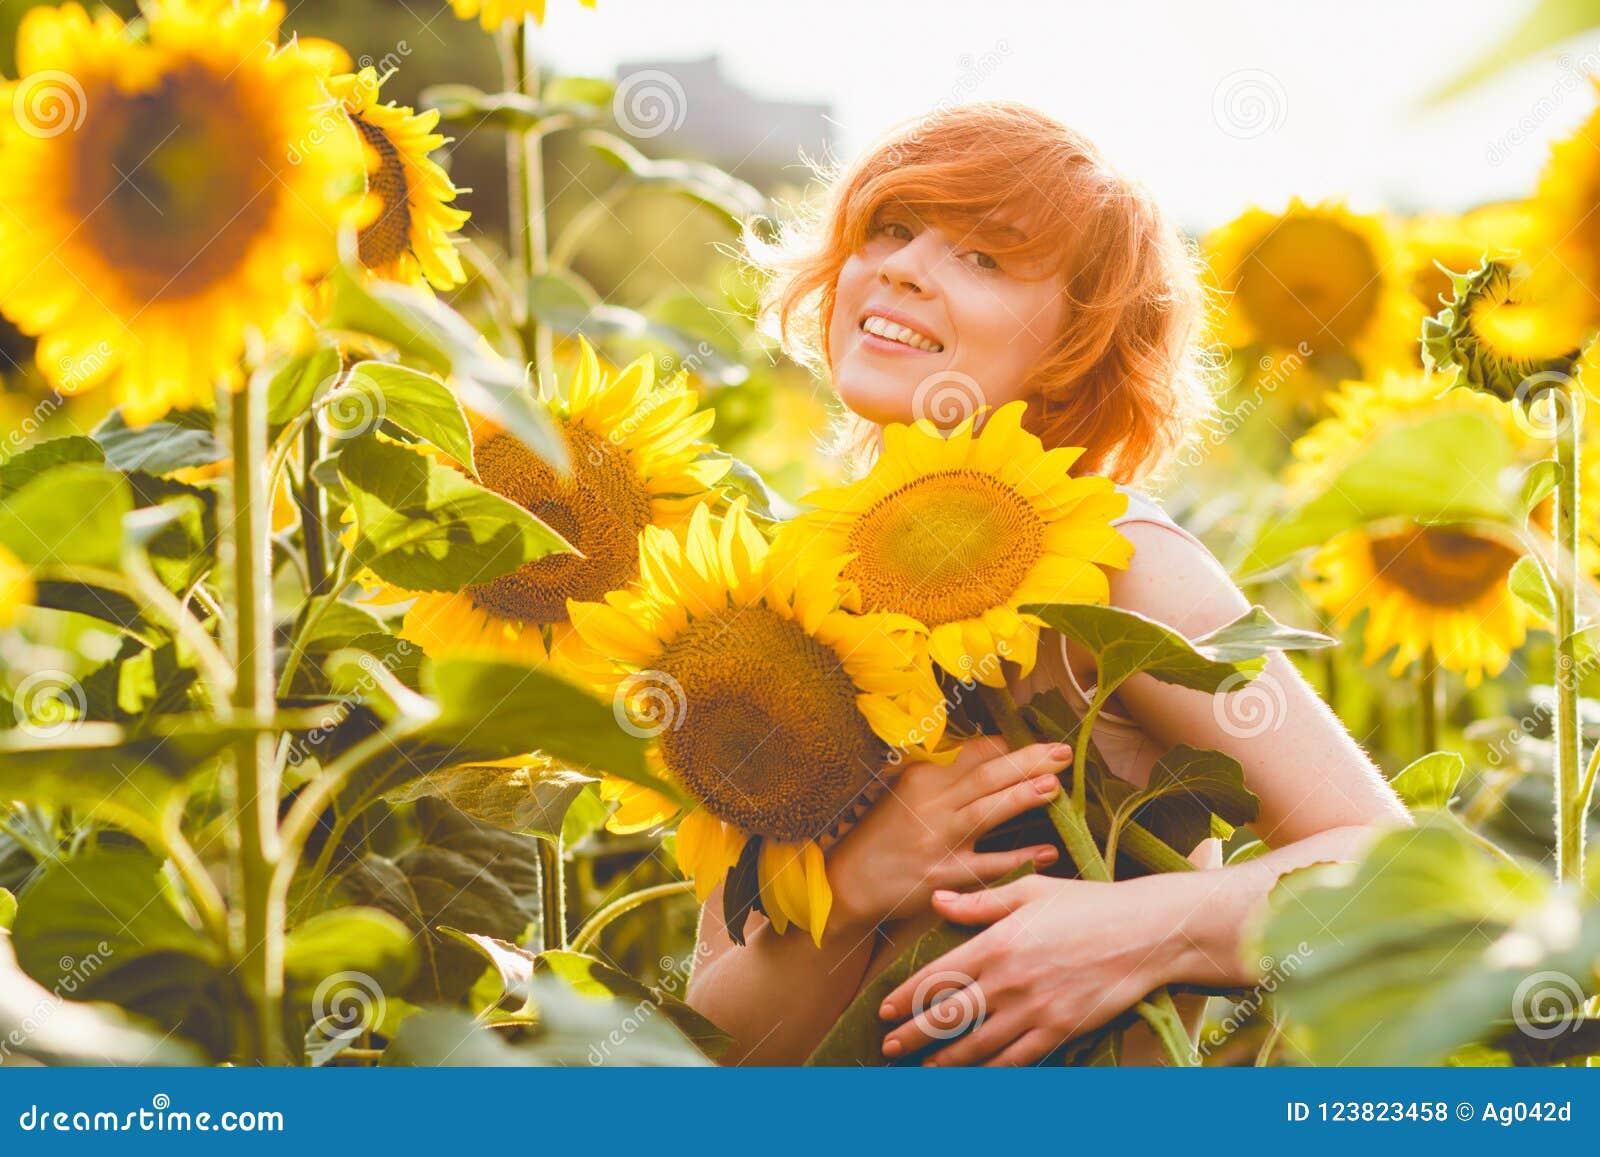 拿着一束巨大的花的向日葵的领域的年轻红发妇女在一个晴朗的夏天晚上